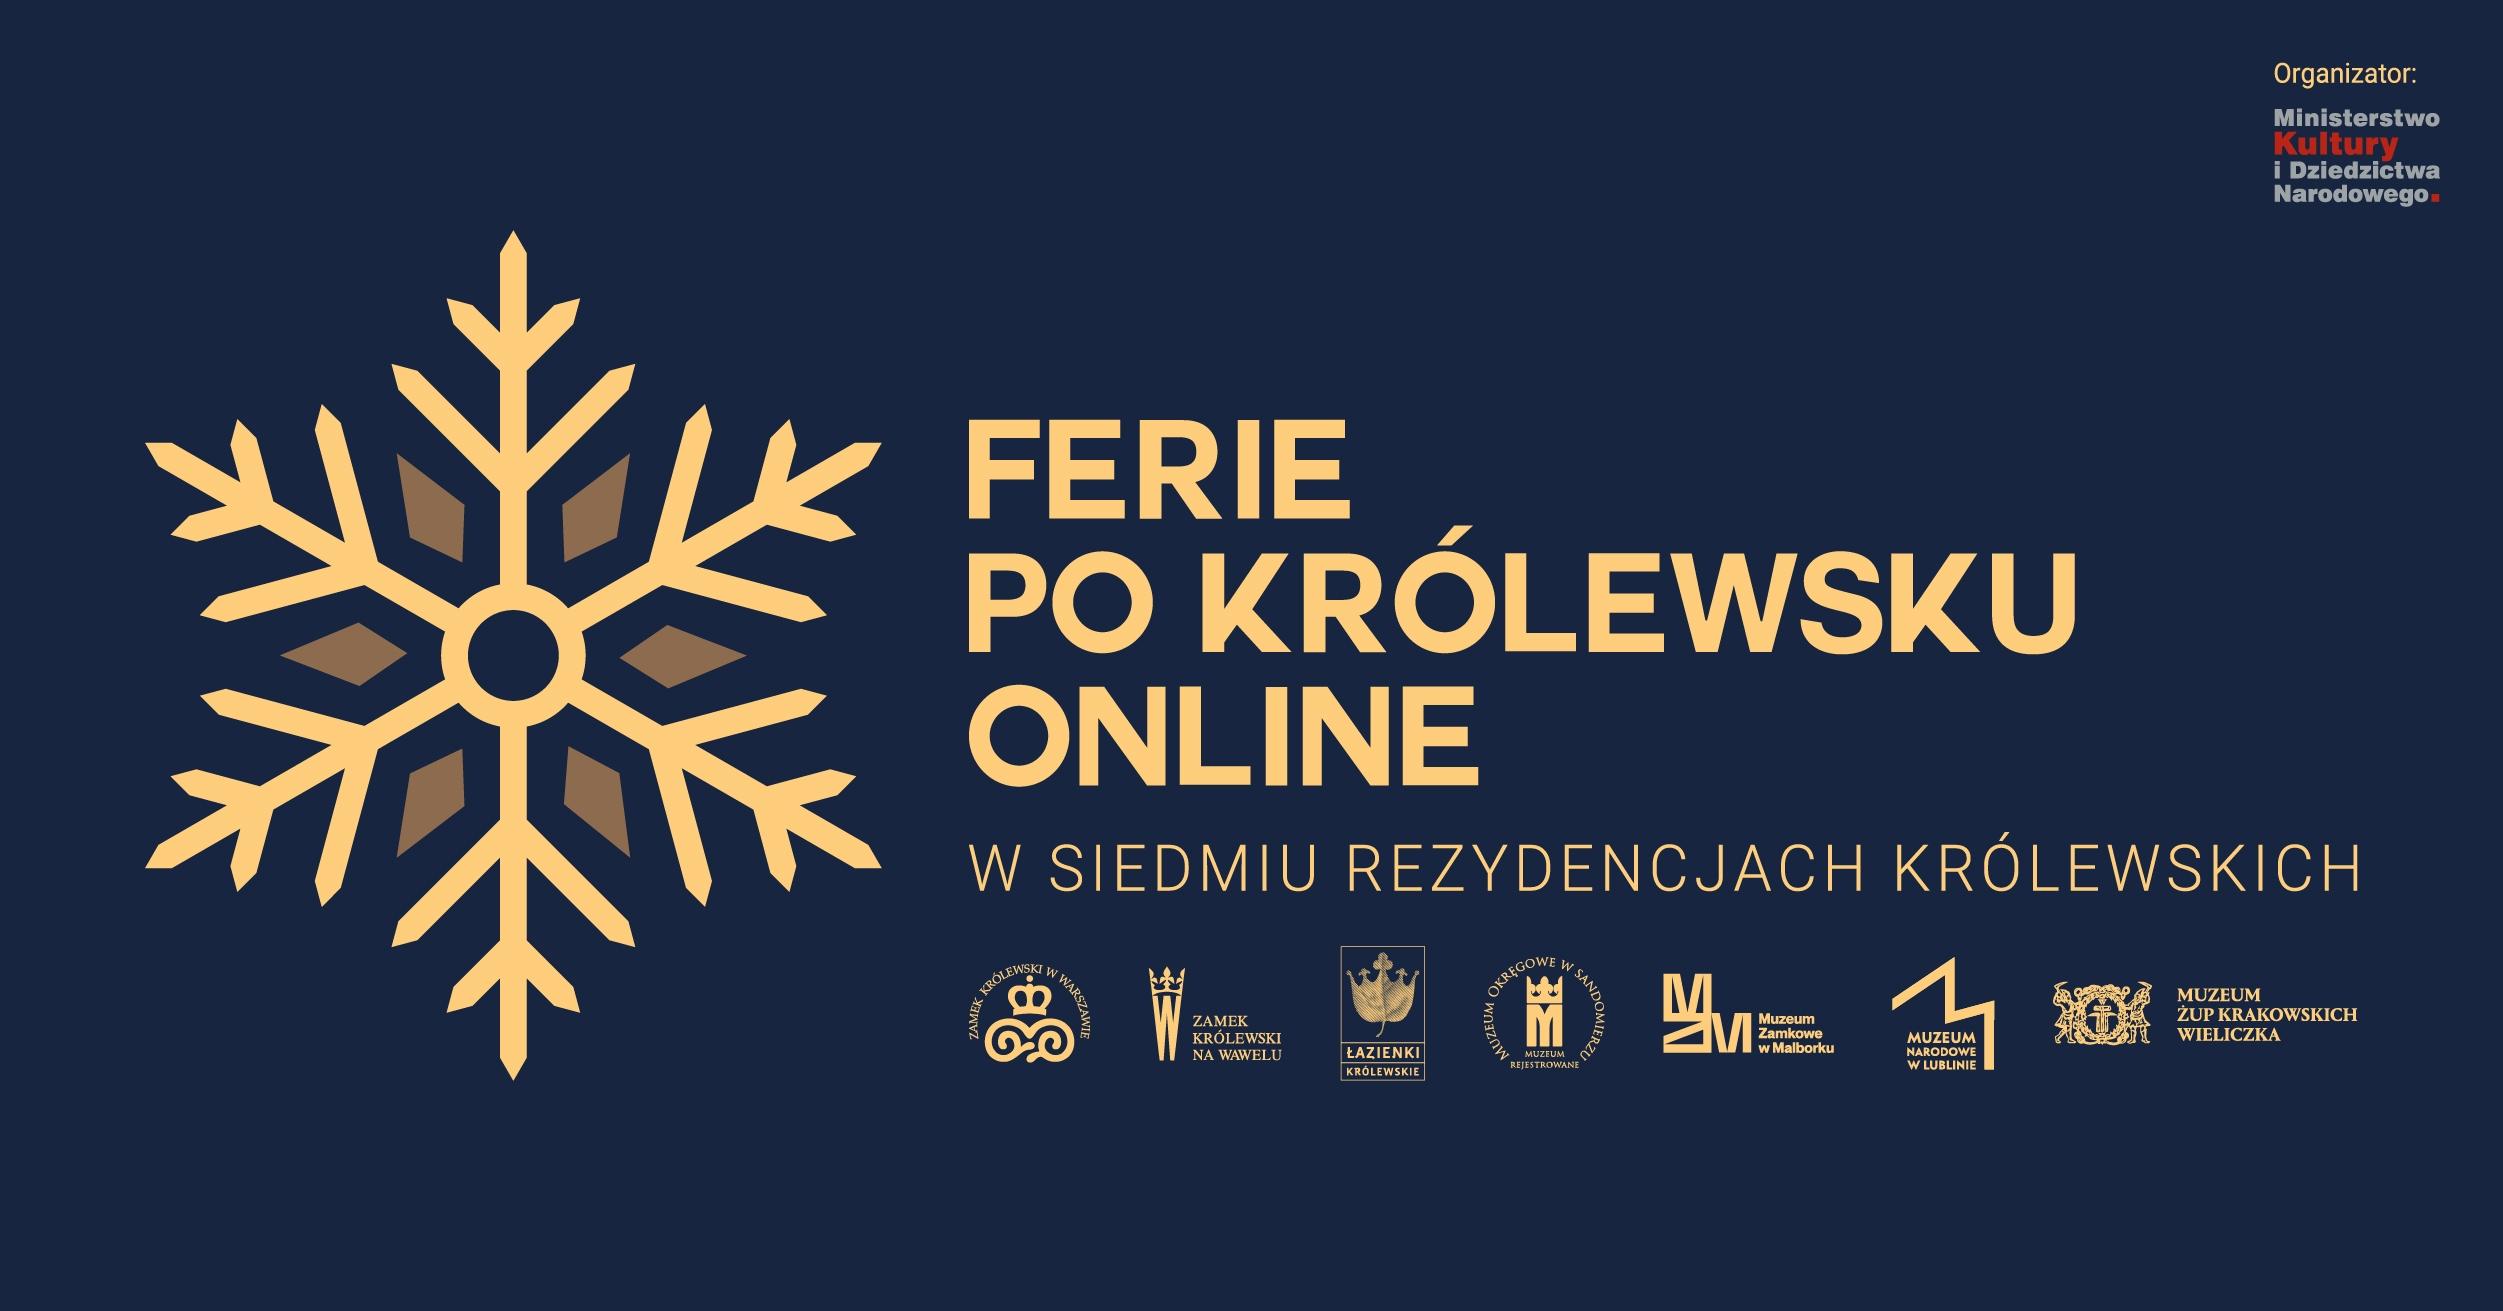 https://muzeum.wieliczka.pl/images/upload/_Nowe/Baner_FB_1200x628_original.jpg